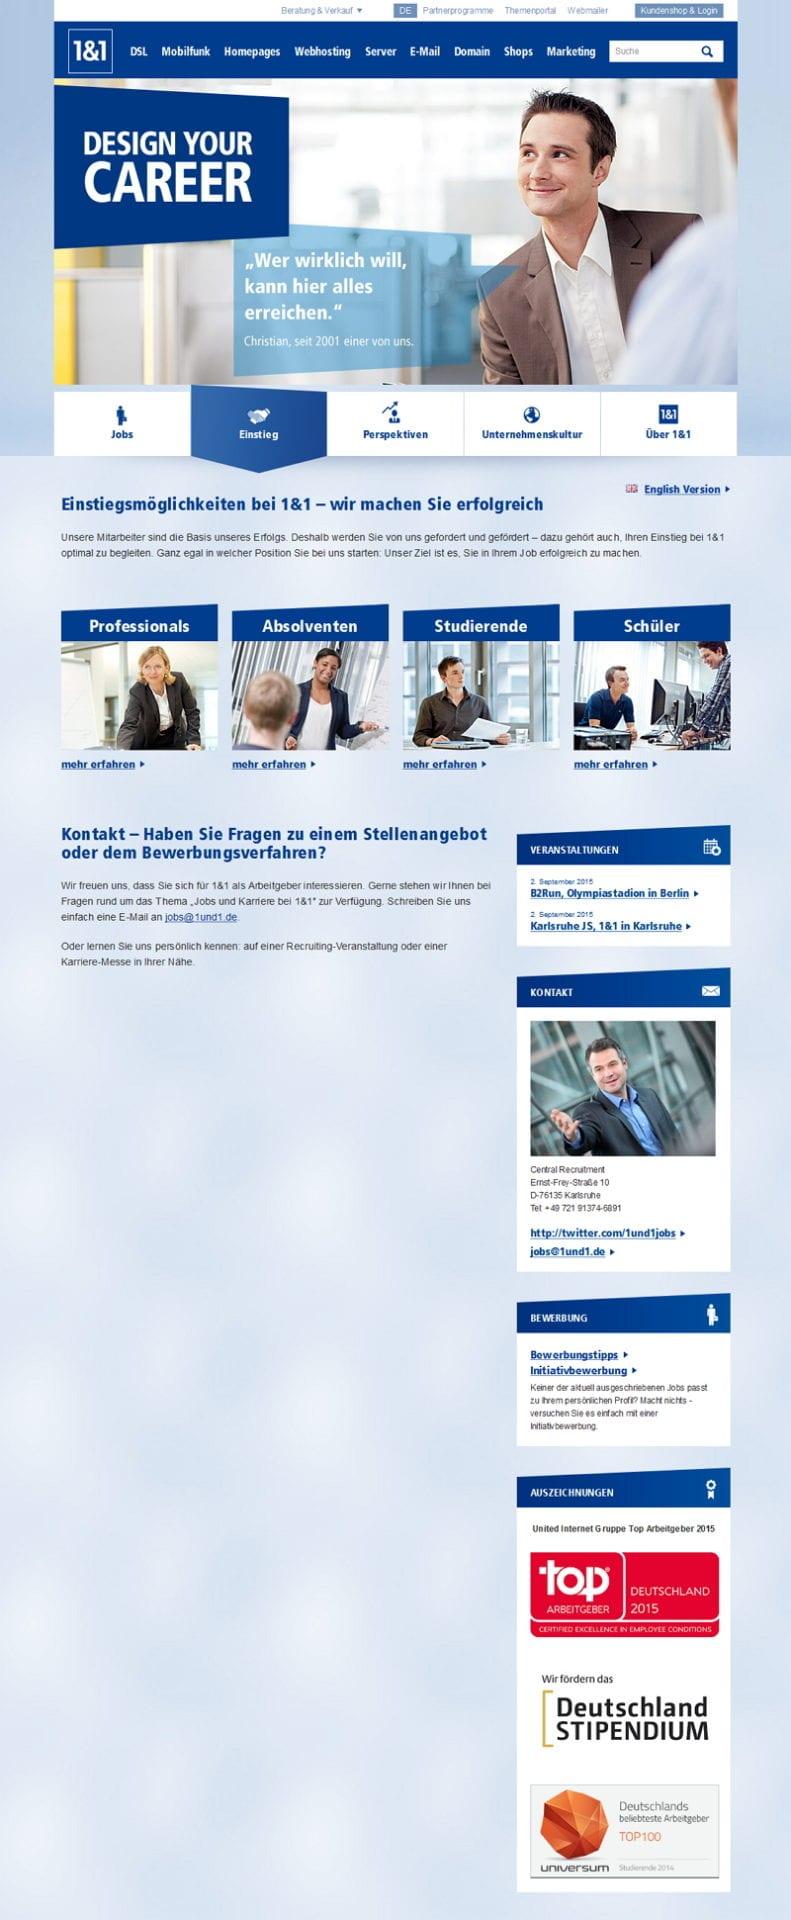 Karriere-Website von 1und1 - ein Hinweis auf die dringend gesuchten IT-Software-Entwickler fehlt vollständig